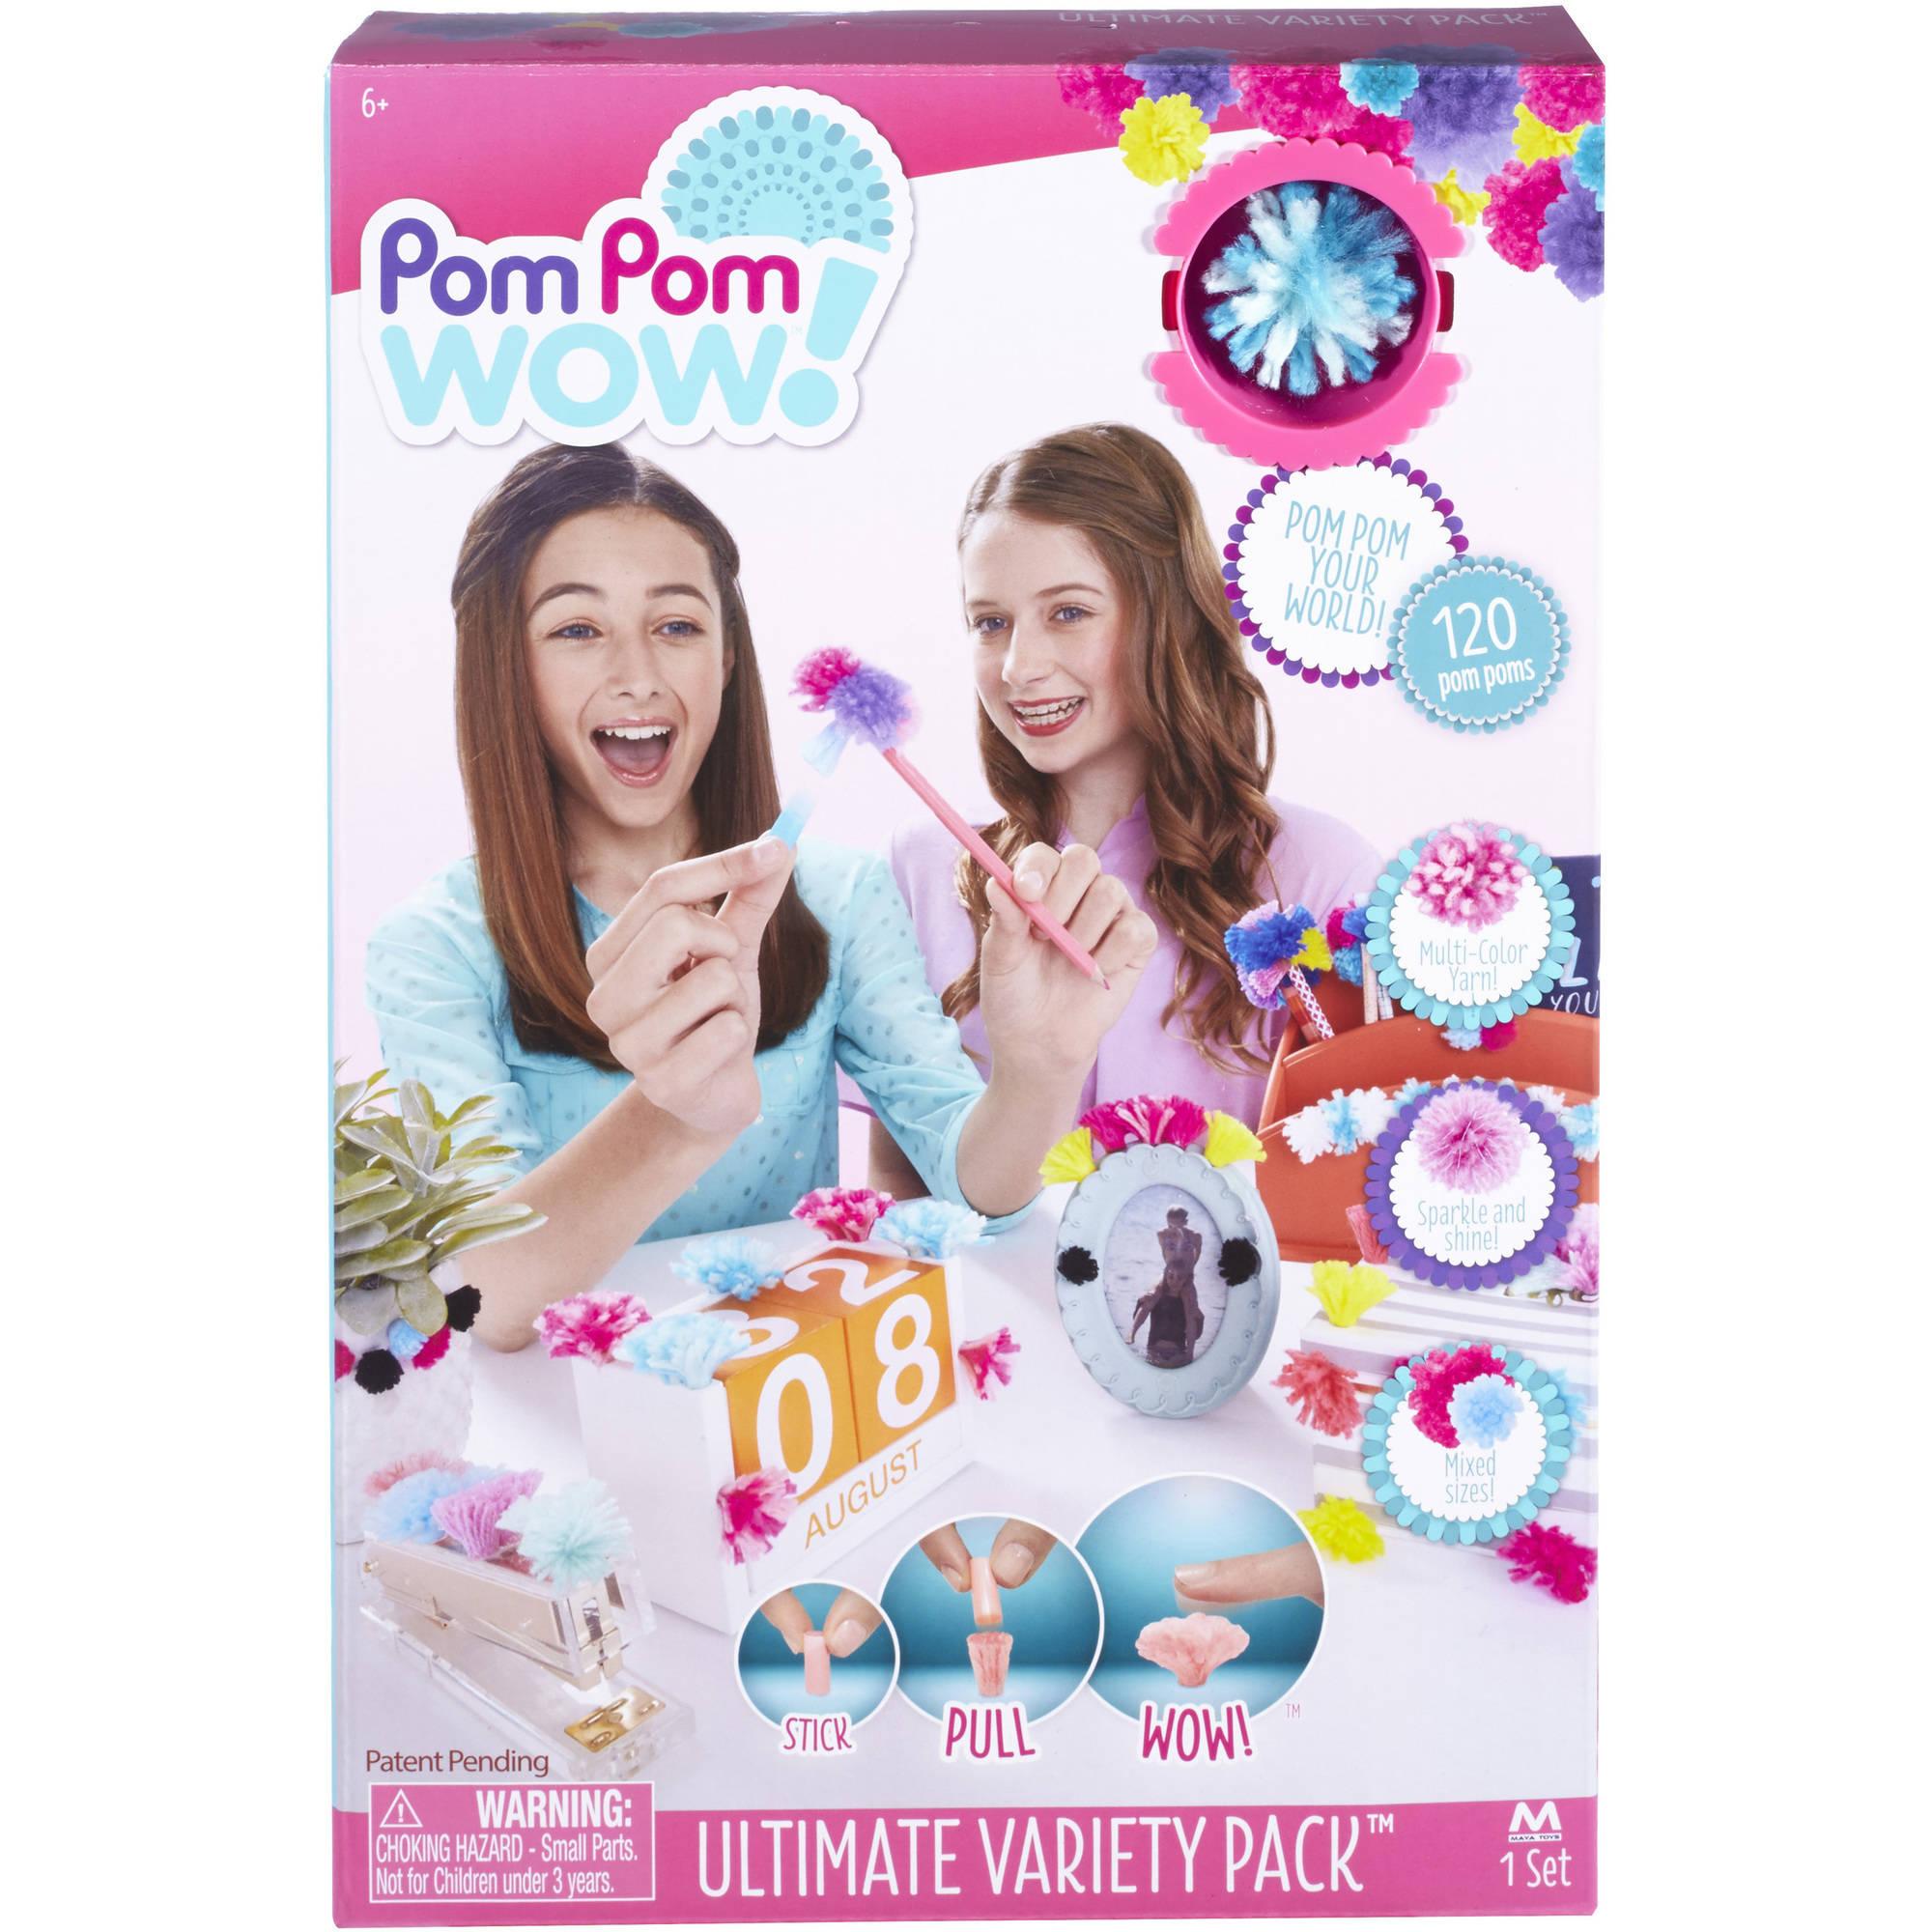 Pom Pom Wow Ultimate Variety Pack